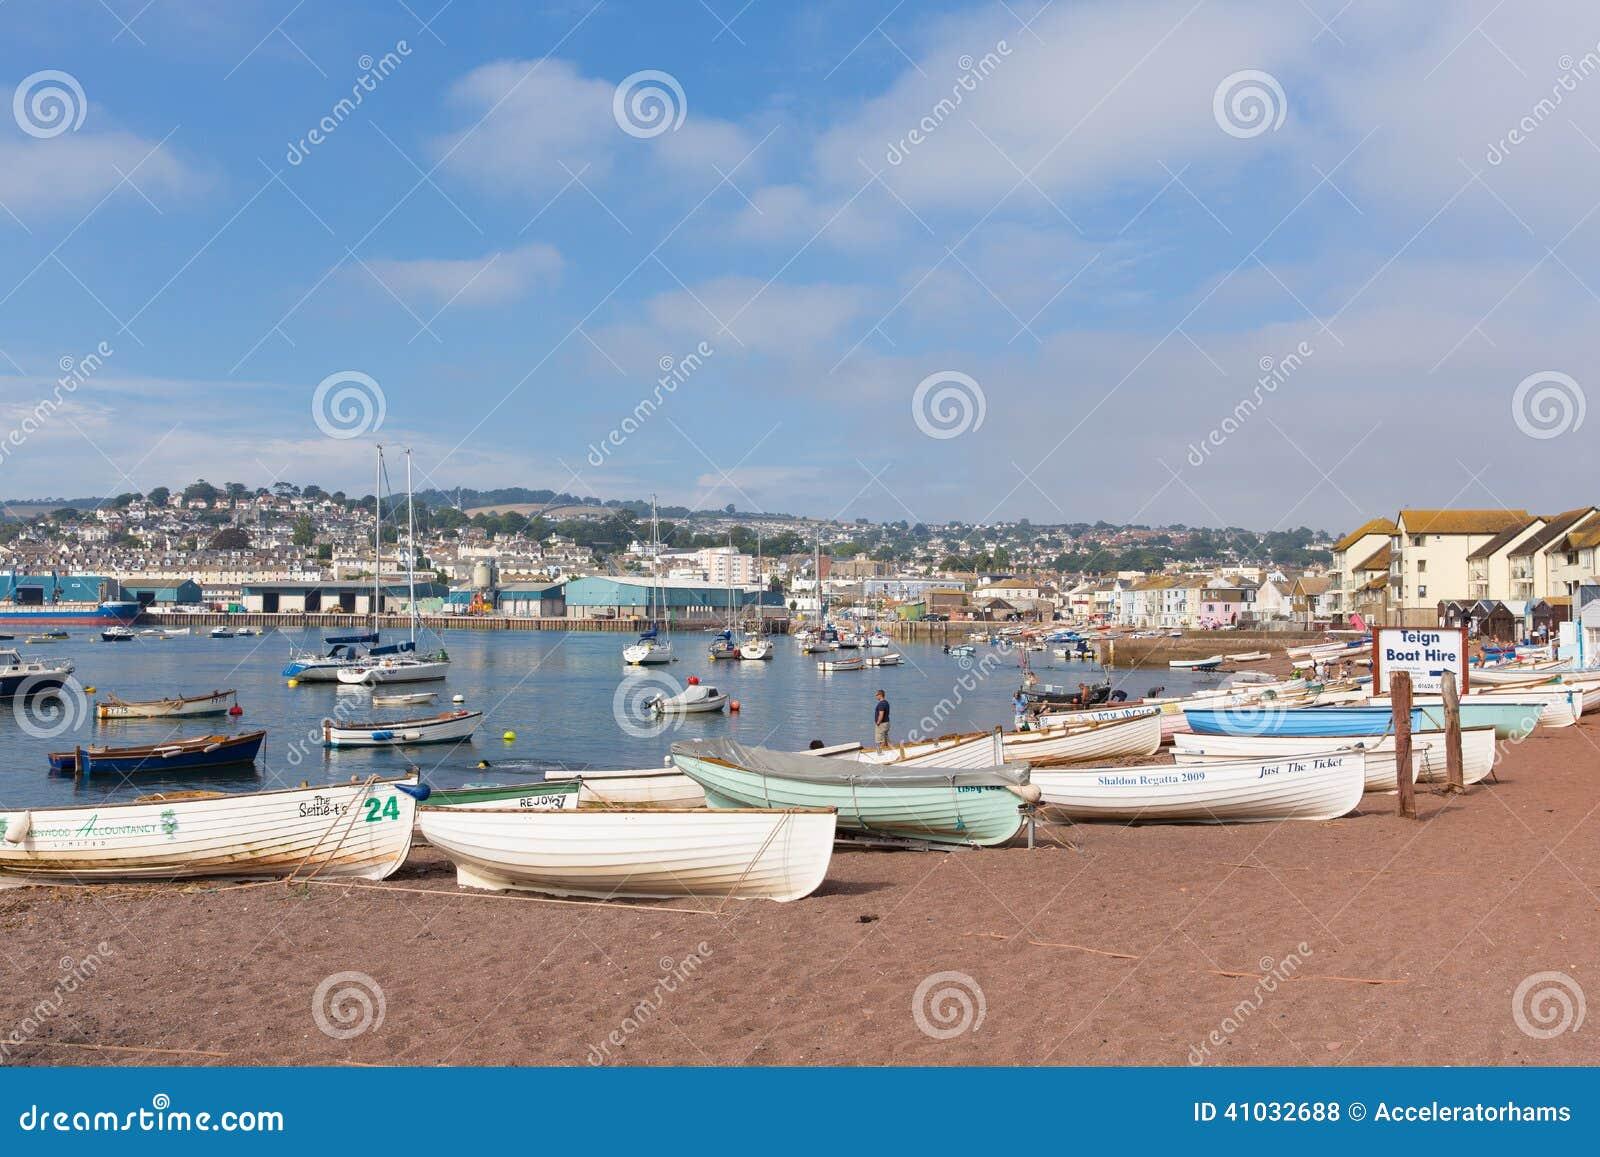 Touristische Stadt Teign-Fluss Teignmouth Devon mit blauem Himmel